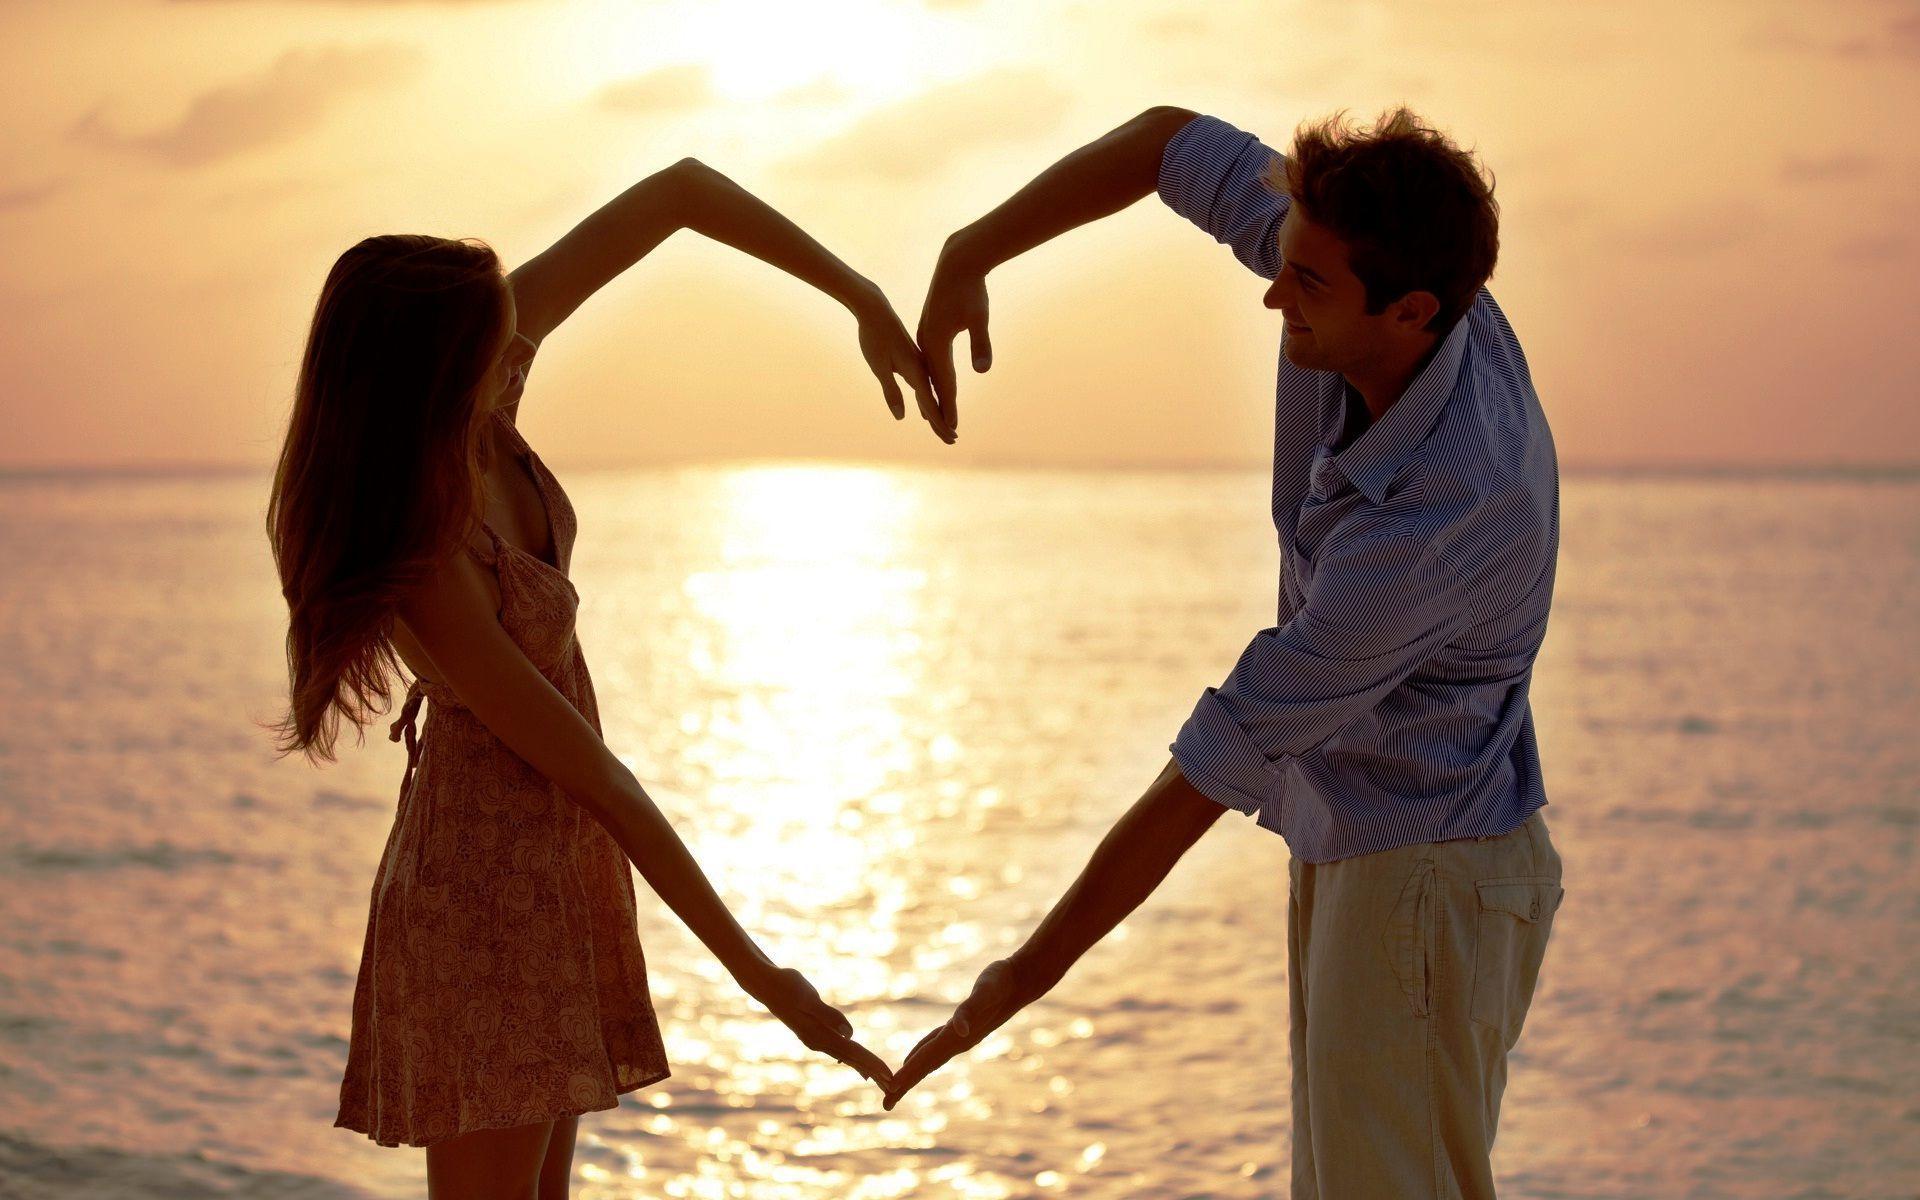 जिंदगी भर प्यार को बनाकर रखना चाहते है तो पार्टनर से कहना न भूलें ये 5 बातें